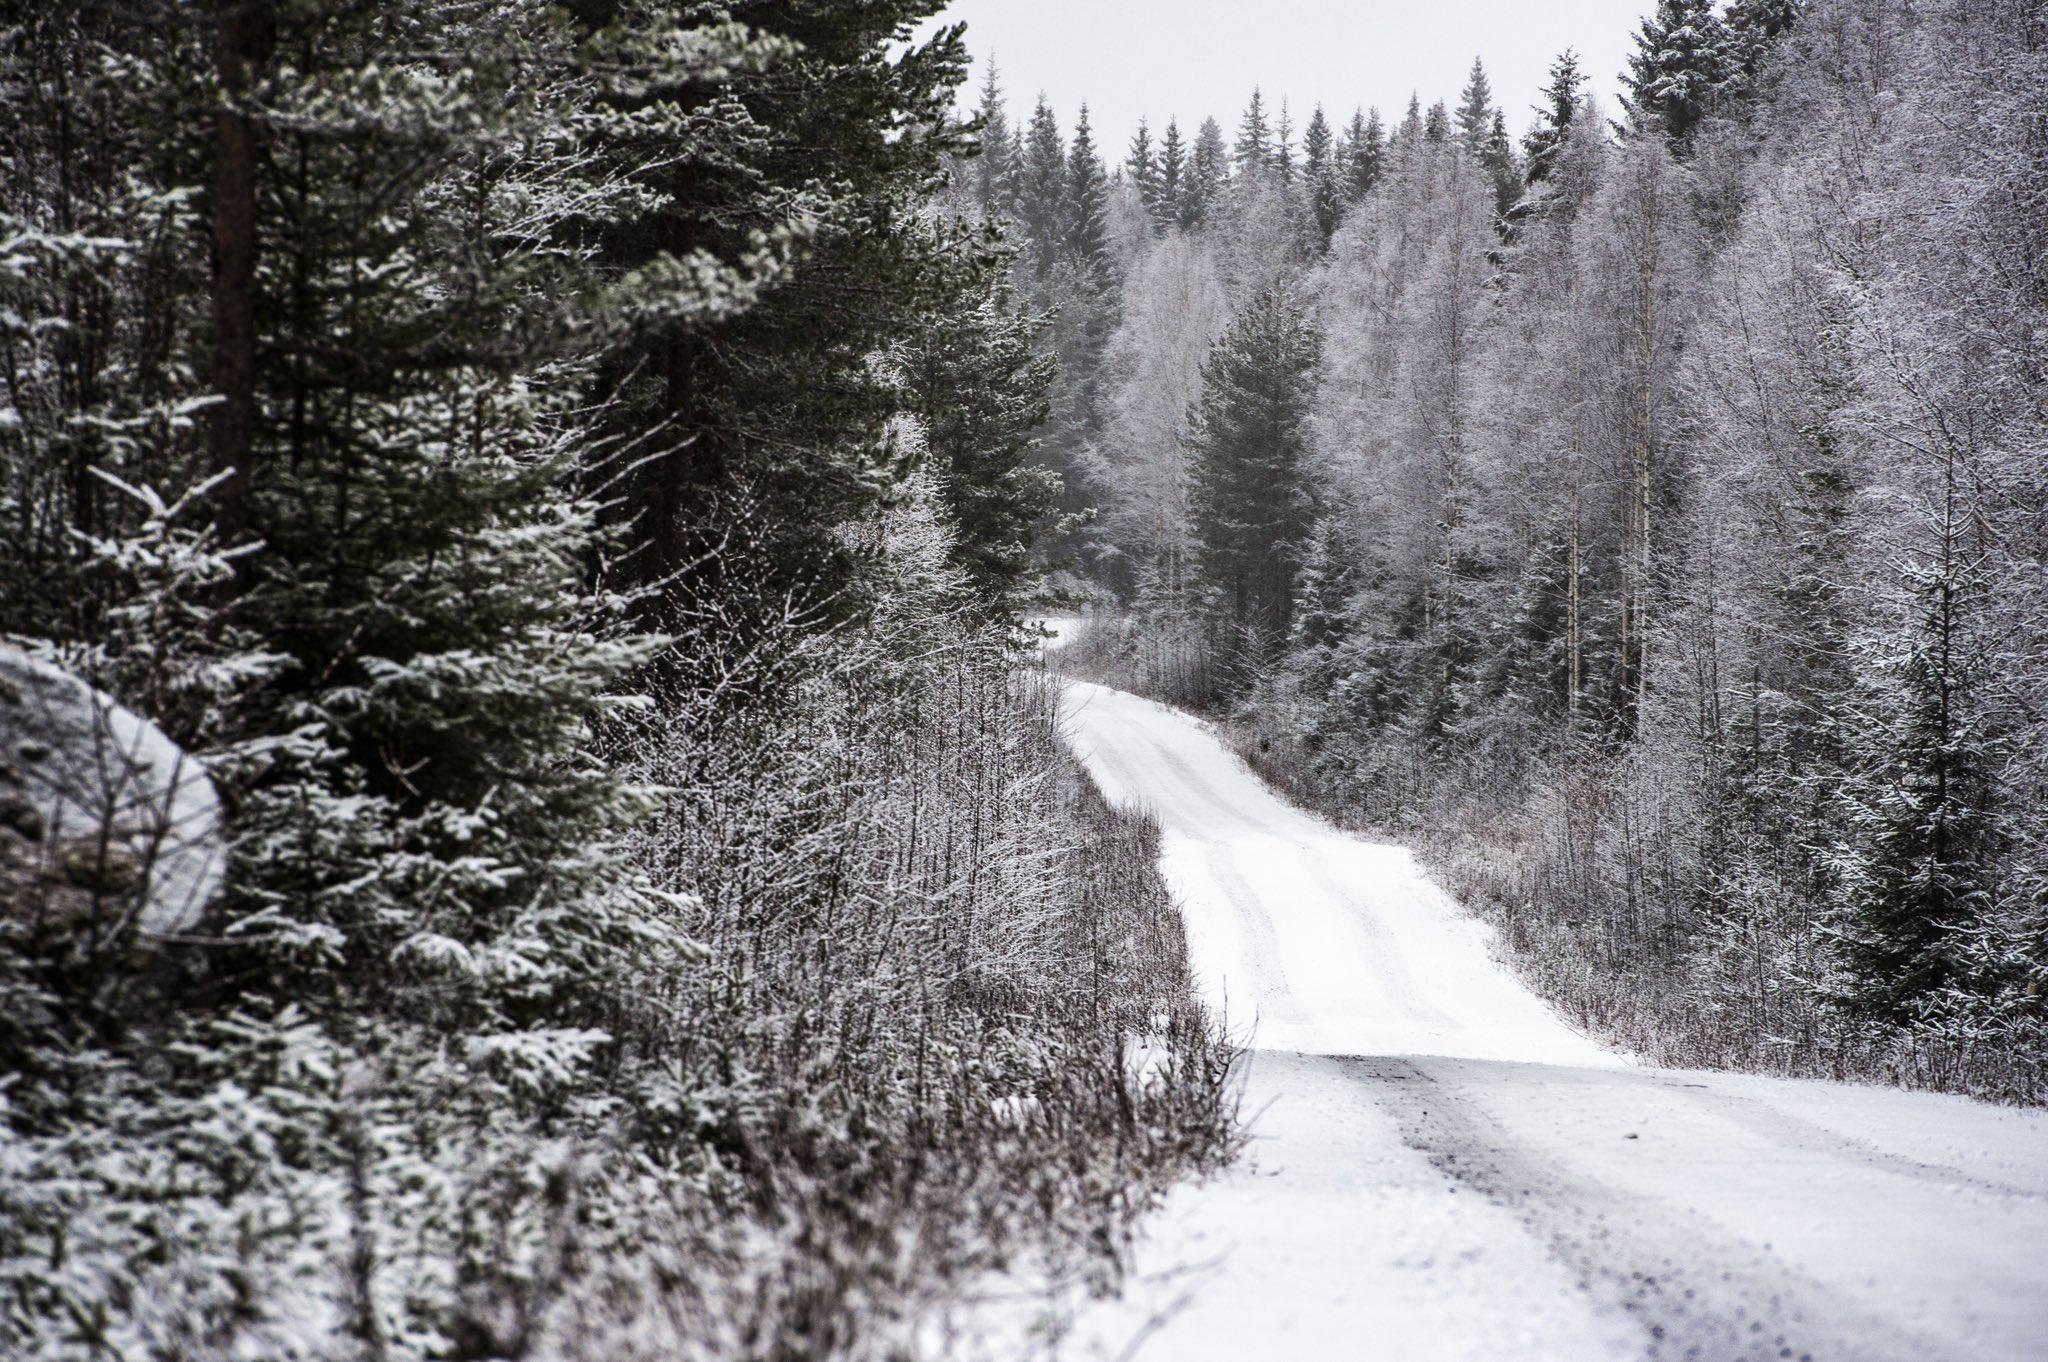 WRC: 68º Rallye Sweden [13-16 Febrero] - Página 2 EQkKK9TWkAAcCkP?format=jpg&name=4096x4096